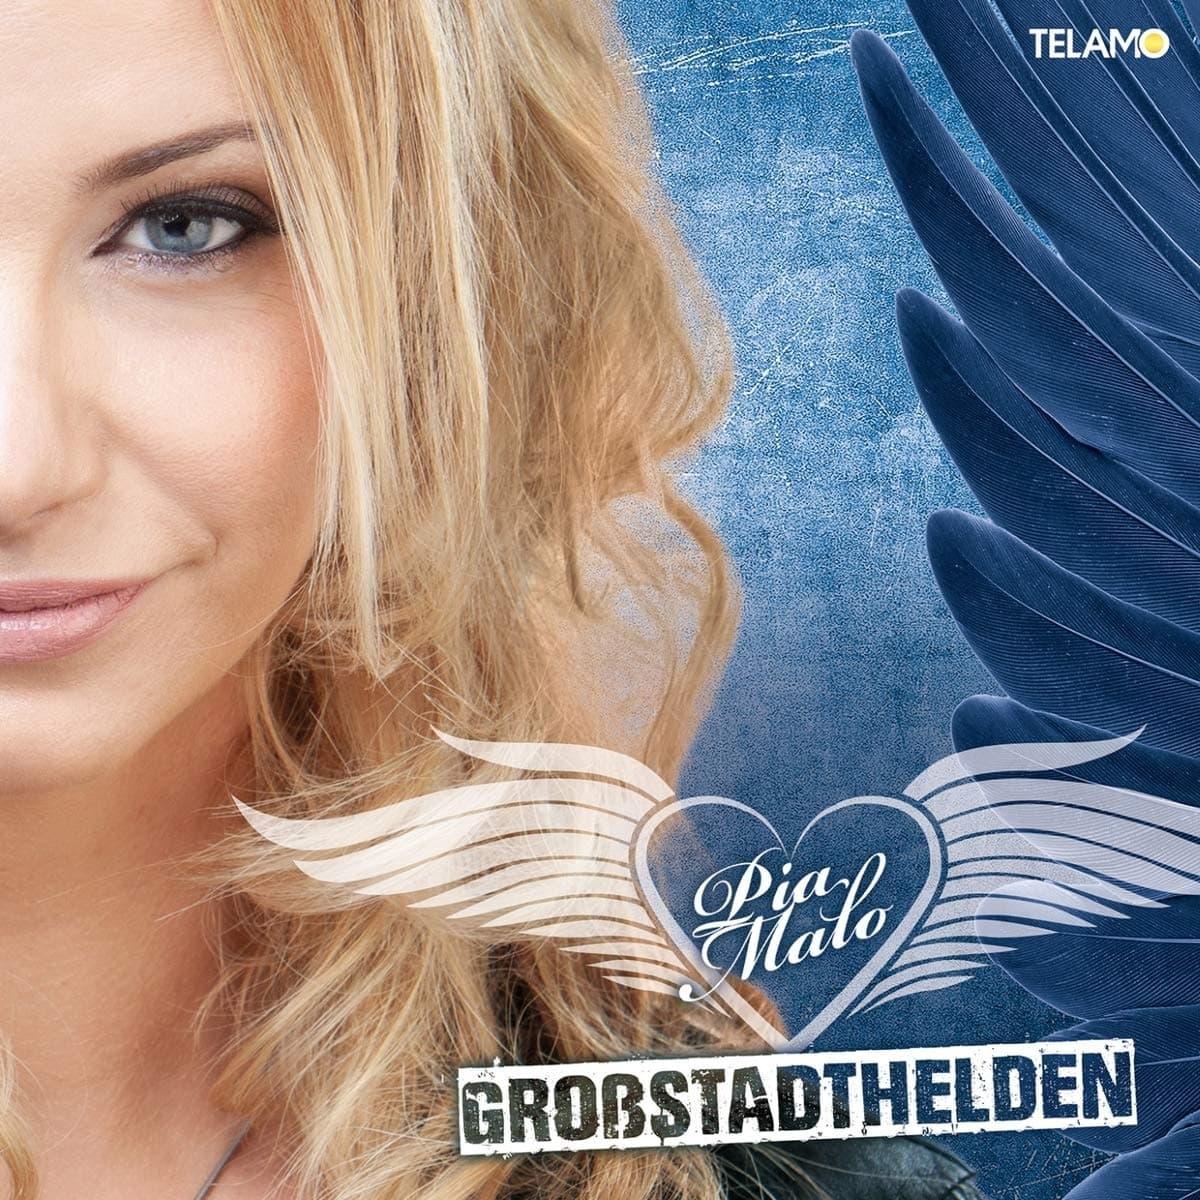 Pia Malo CD Großstadthelden 2019